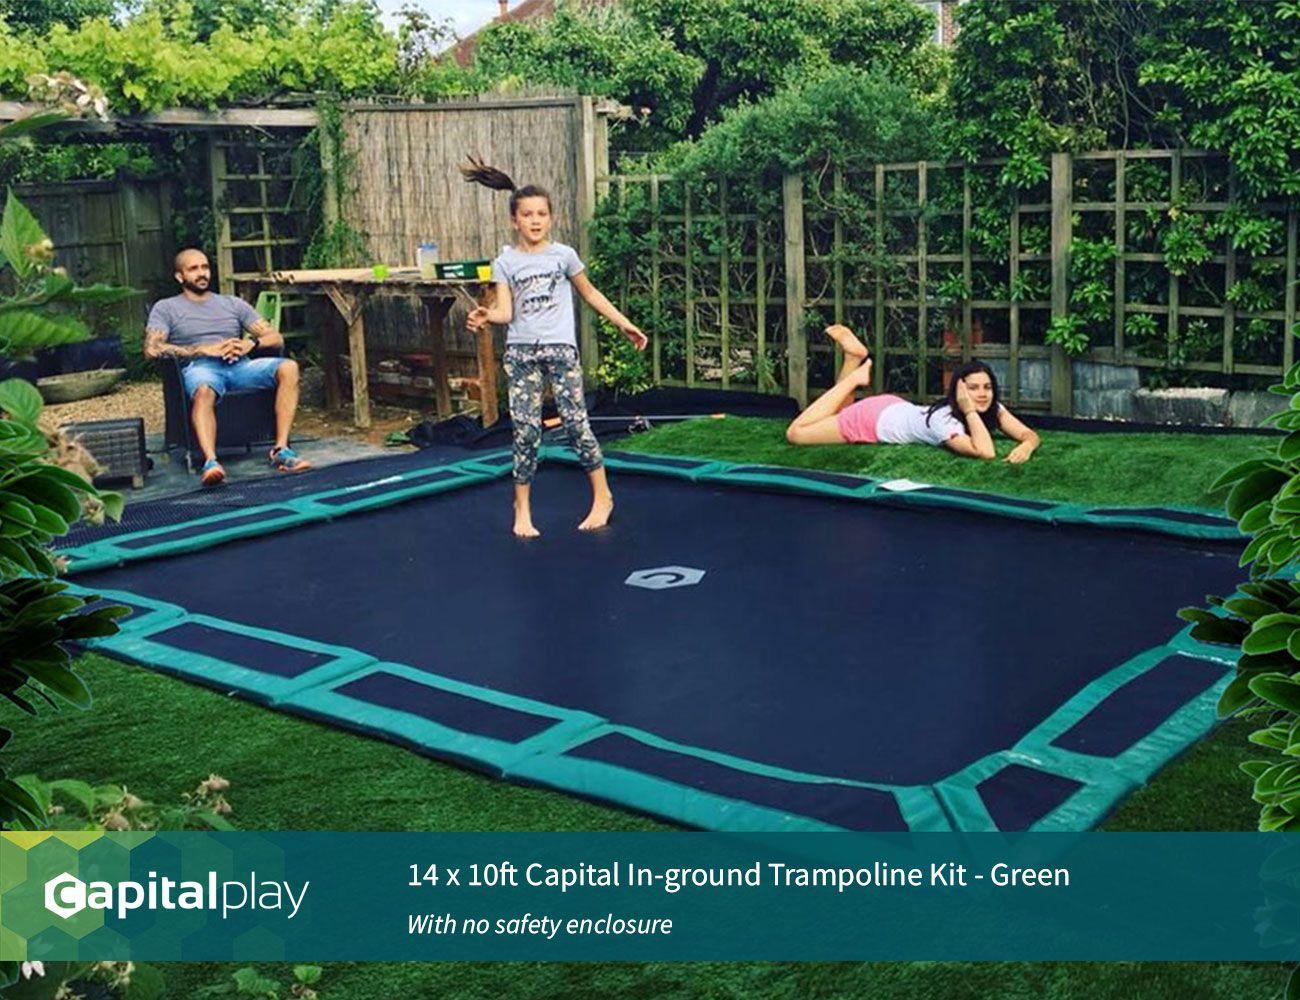 14 X 10ft Capital In Ground Trampoline Kit Www Capitalplay Co Uk In Ground Trampoline Kits In Ground Trampoline In Ground Trampoline Kit Backyard Trampoline